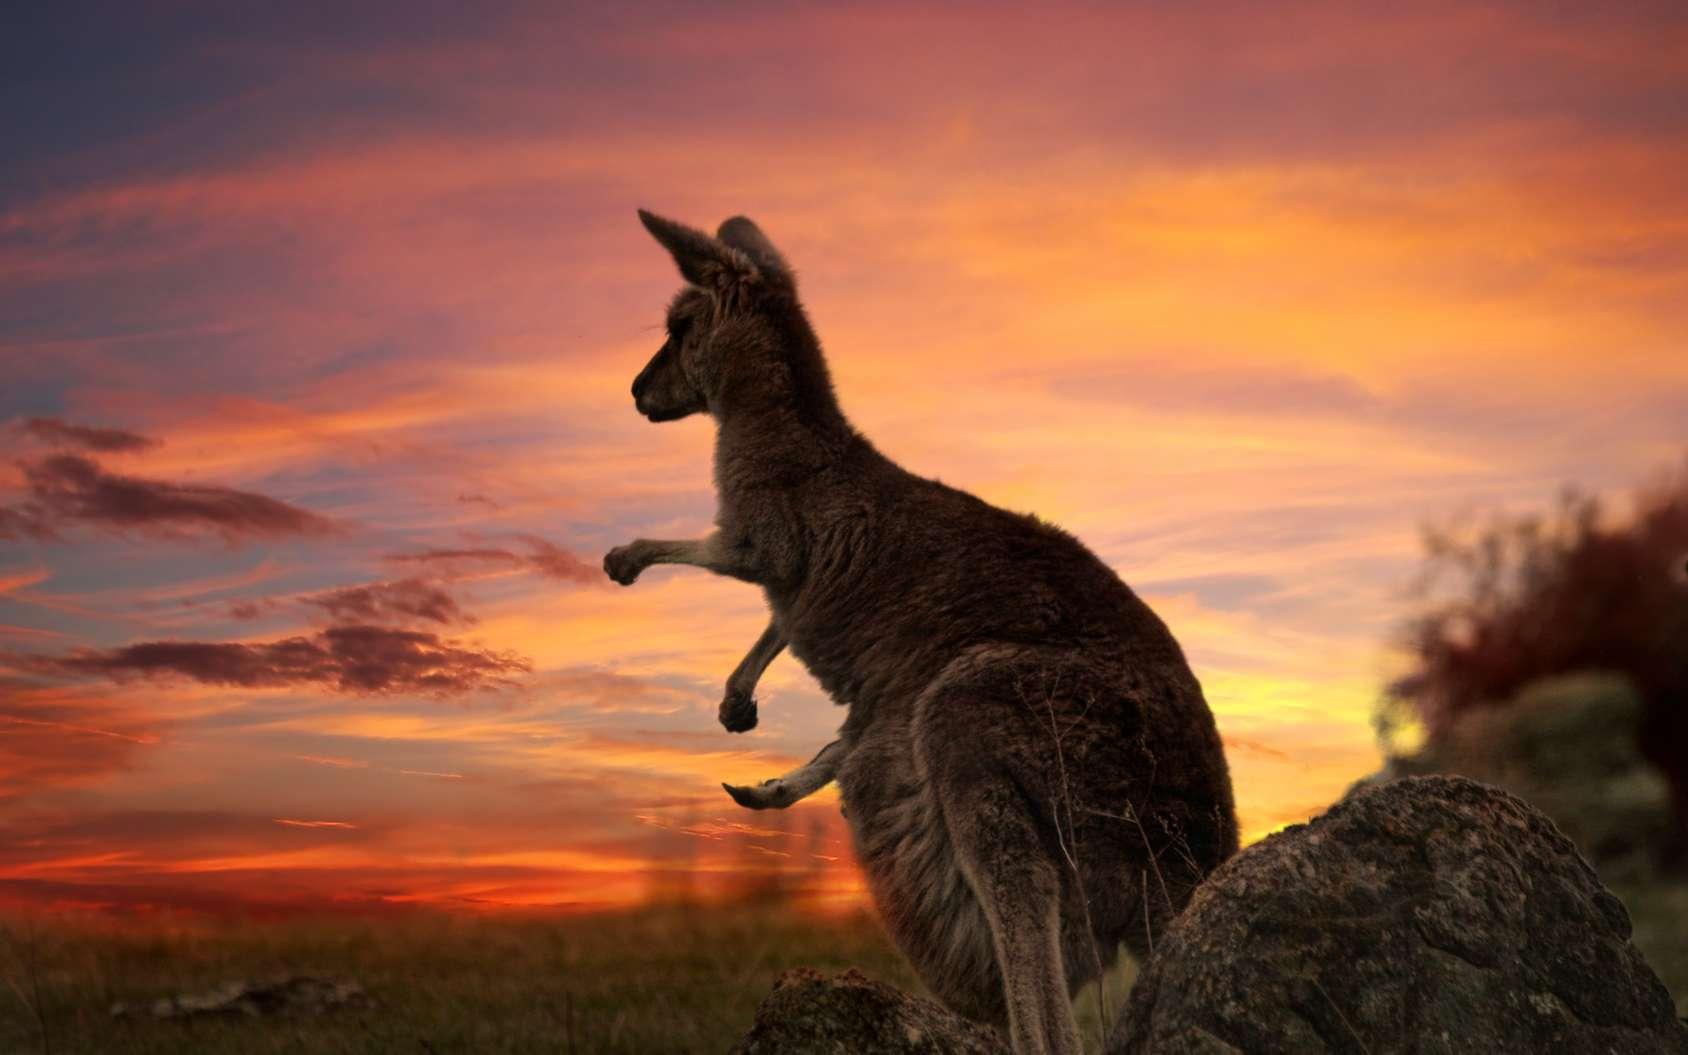 La population de kangourous géants compte plusieurs millions d'individus. © Leah-Anne Thompson, fotolia